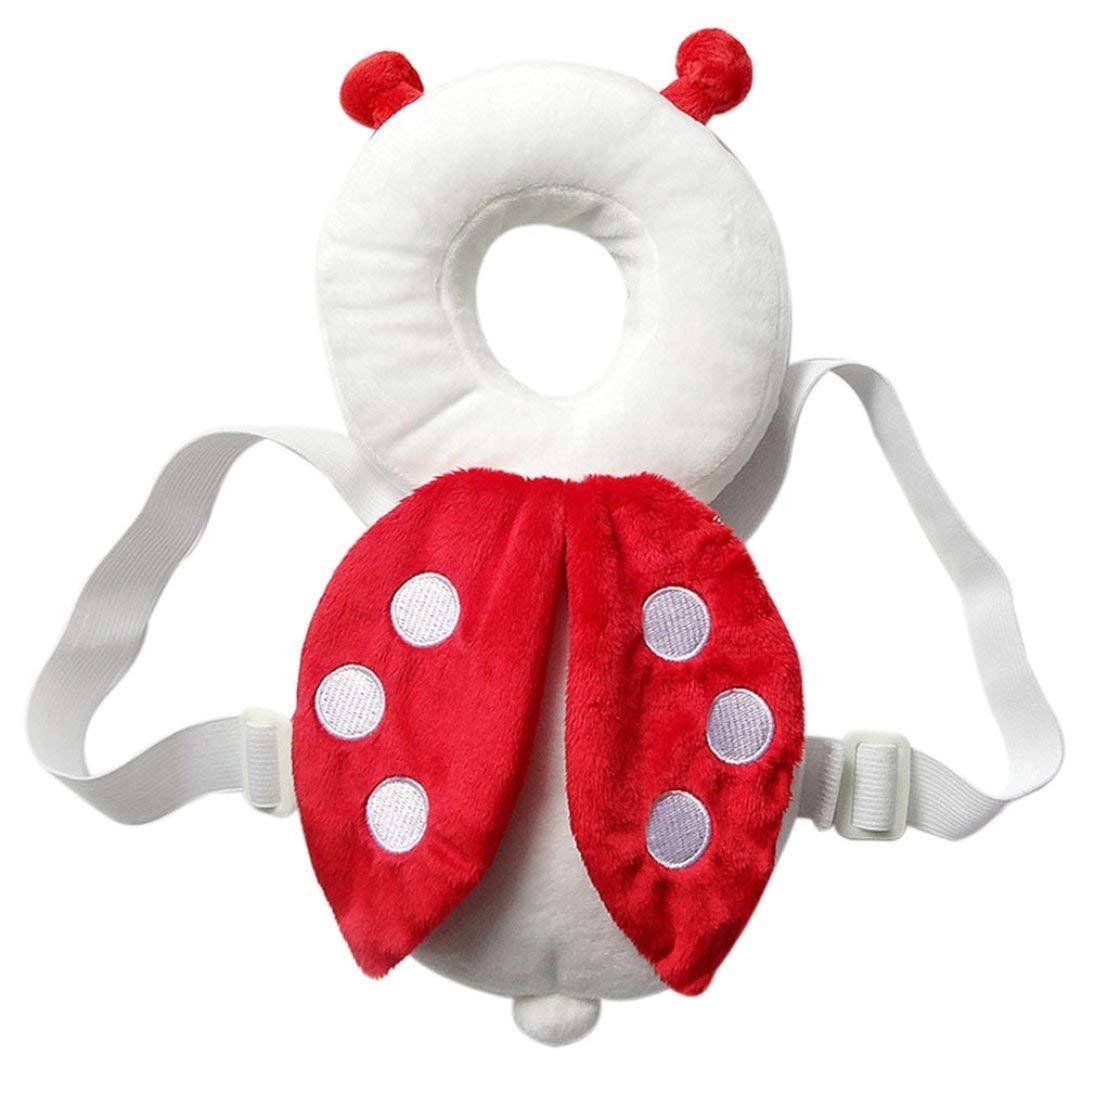 Cuscino di protezione per la testa del bambino Cuscino per la testa del cuscino del collo del poggiatesta con cinghie Togames-IT